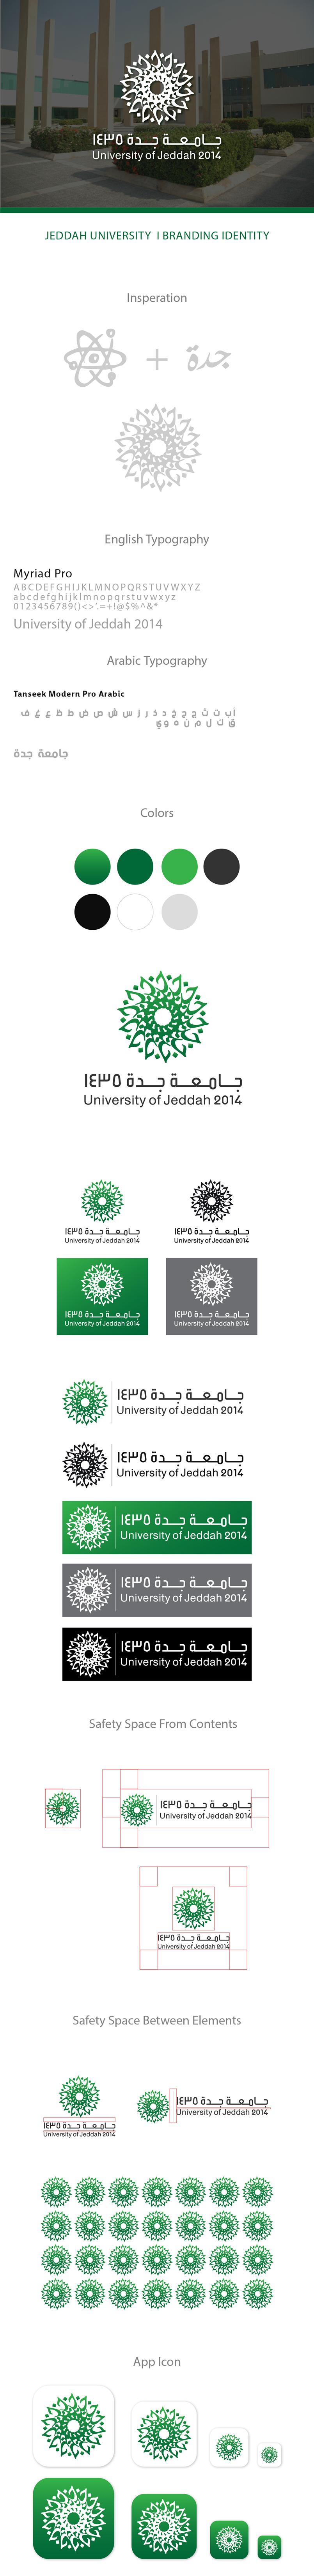 Jeddah University I Branding